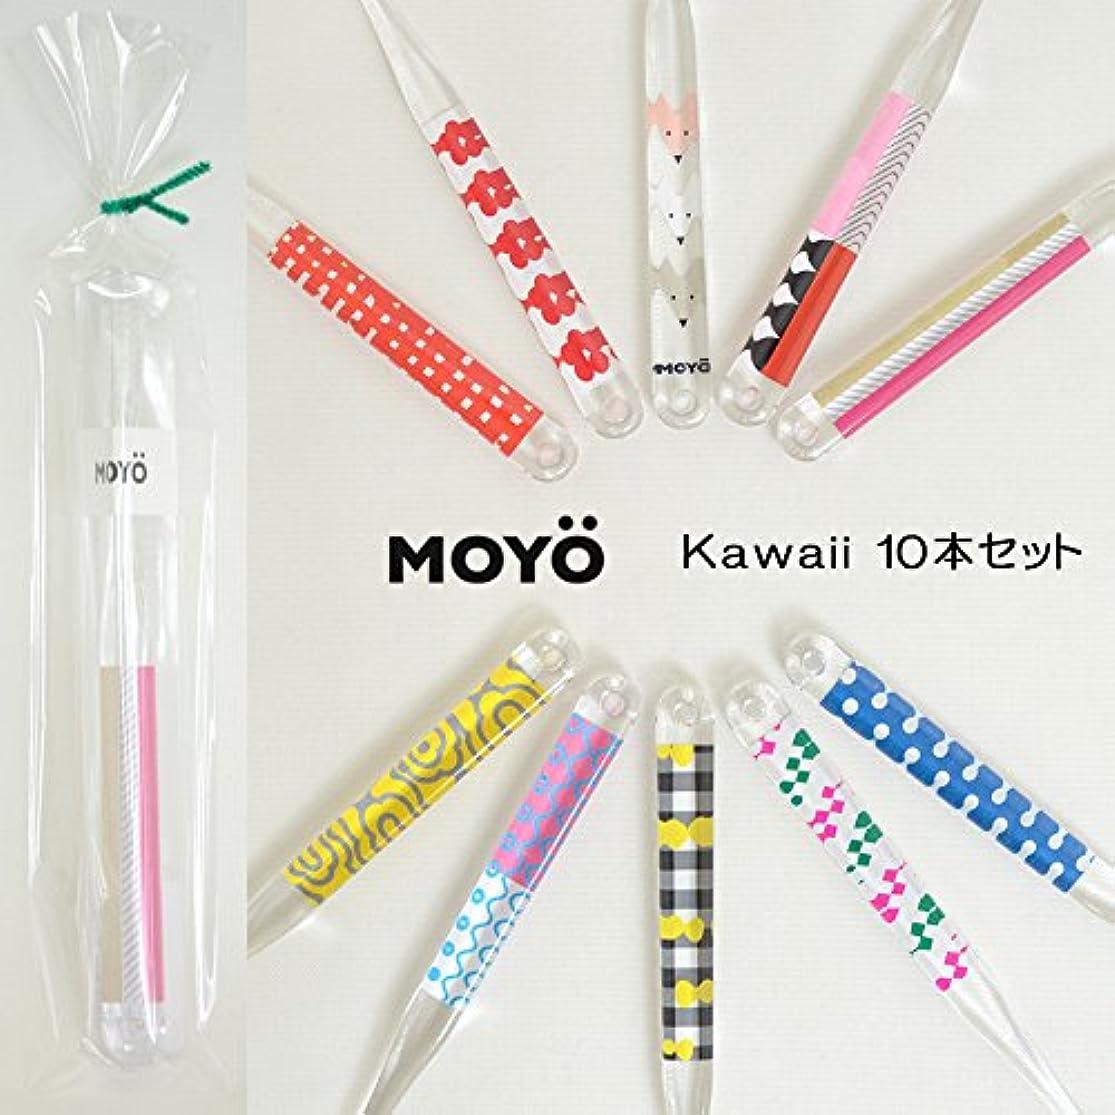 暗唱する欠伸カウンターパートMOYO モヨウ kawaii10本 プチ ギフト セット_562302-kawaii2 【F】,kawaii10本セット